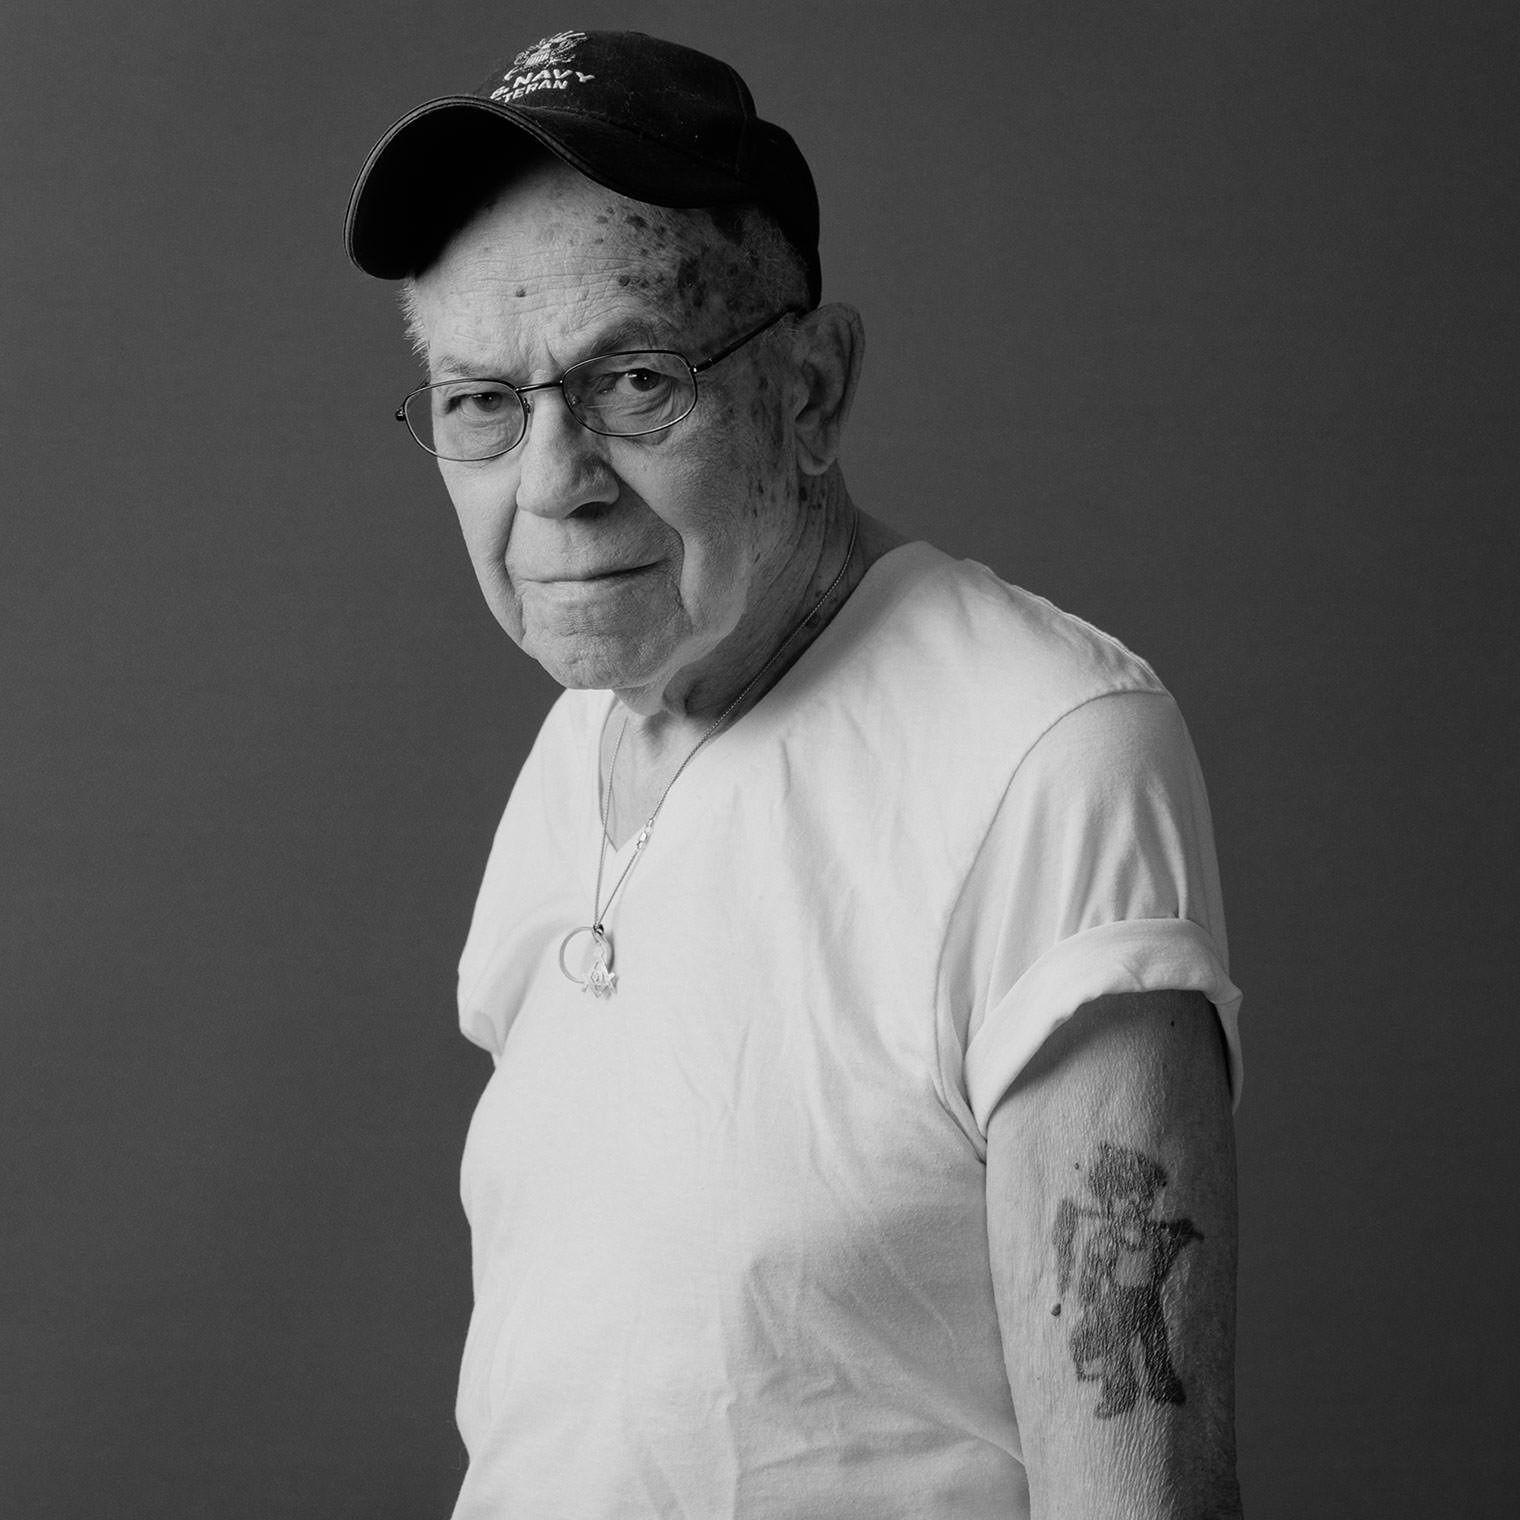 Ancient Ink, Марк Перротт, фотограф, фотопортрет